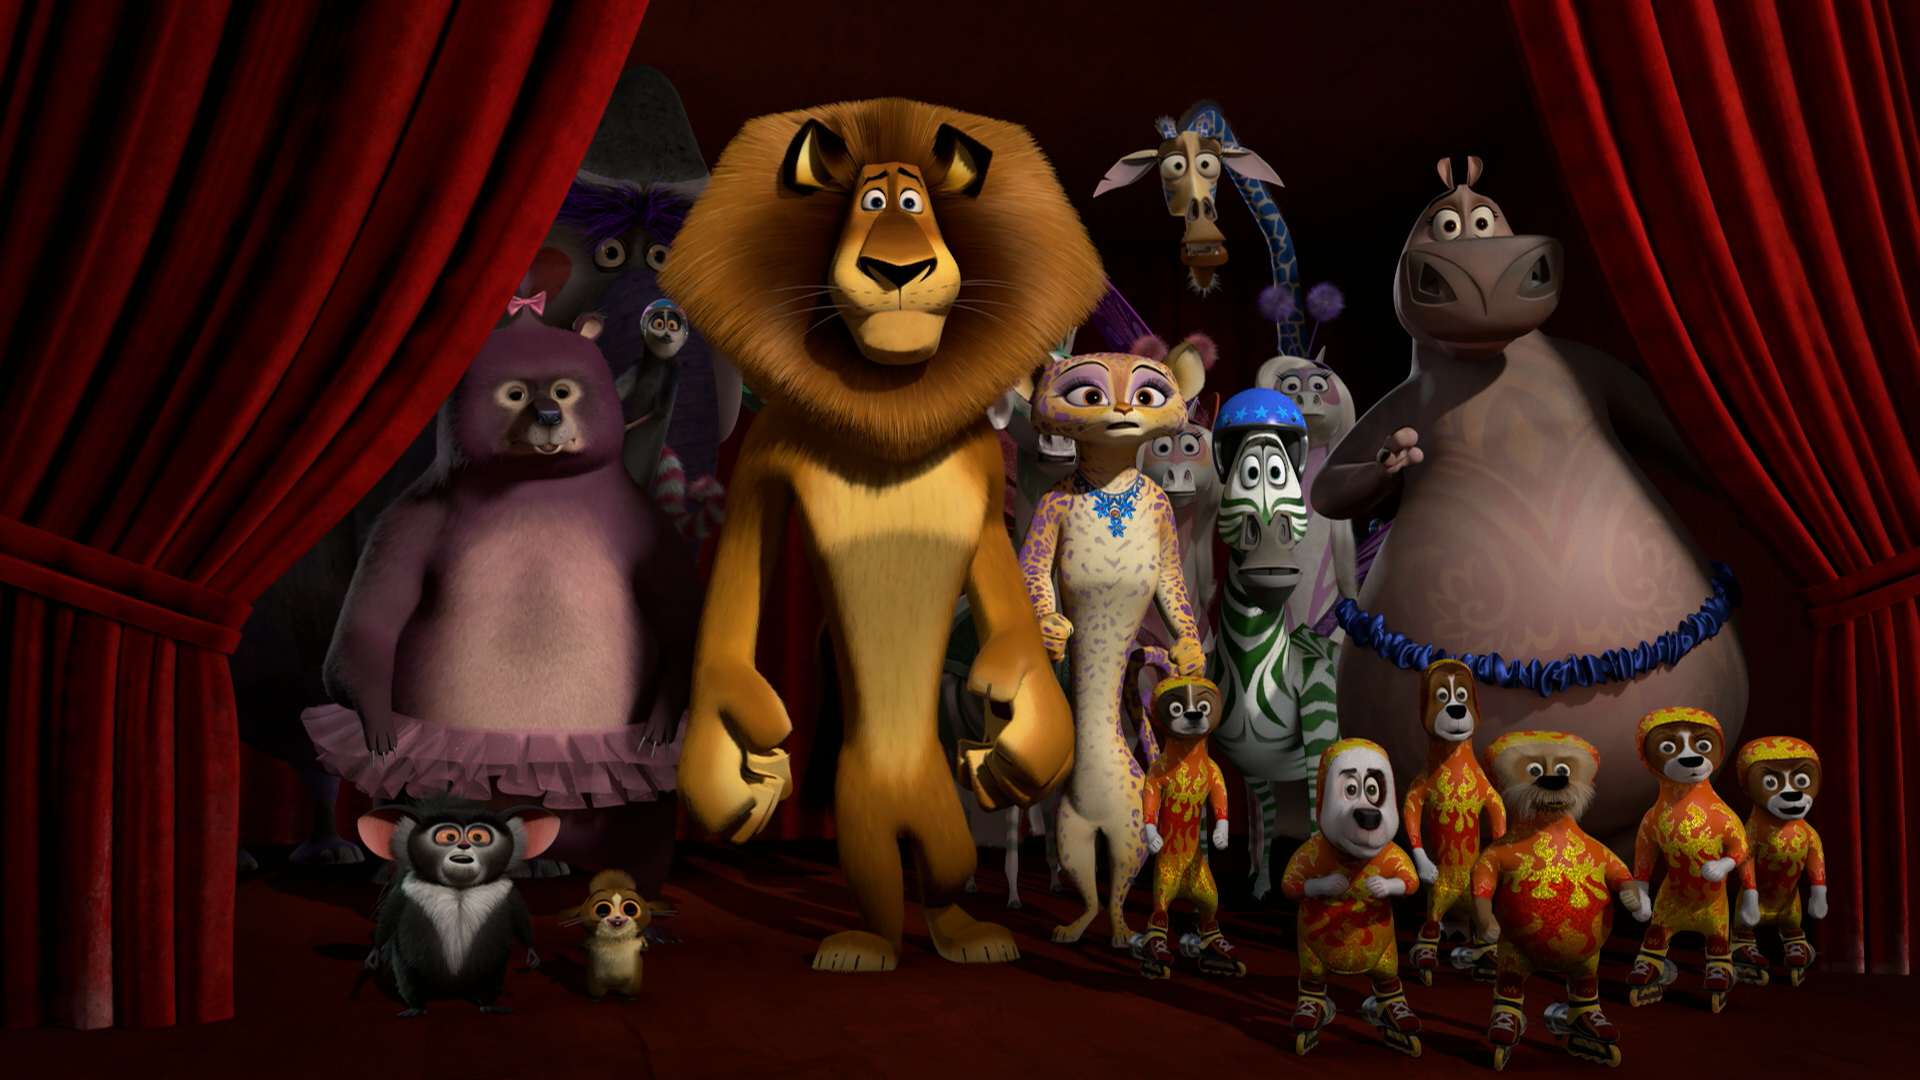 eu me remexo muito no cinema - VOLUNTARIADO casa do cão e gatoRECOMPENSA madagascar 3 no festival kids cinemark